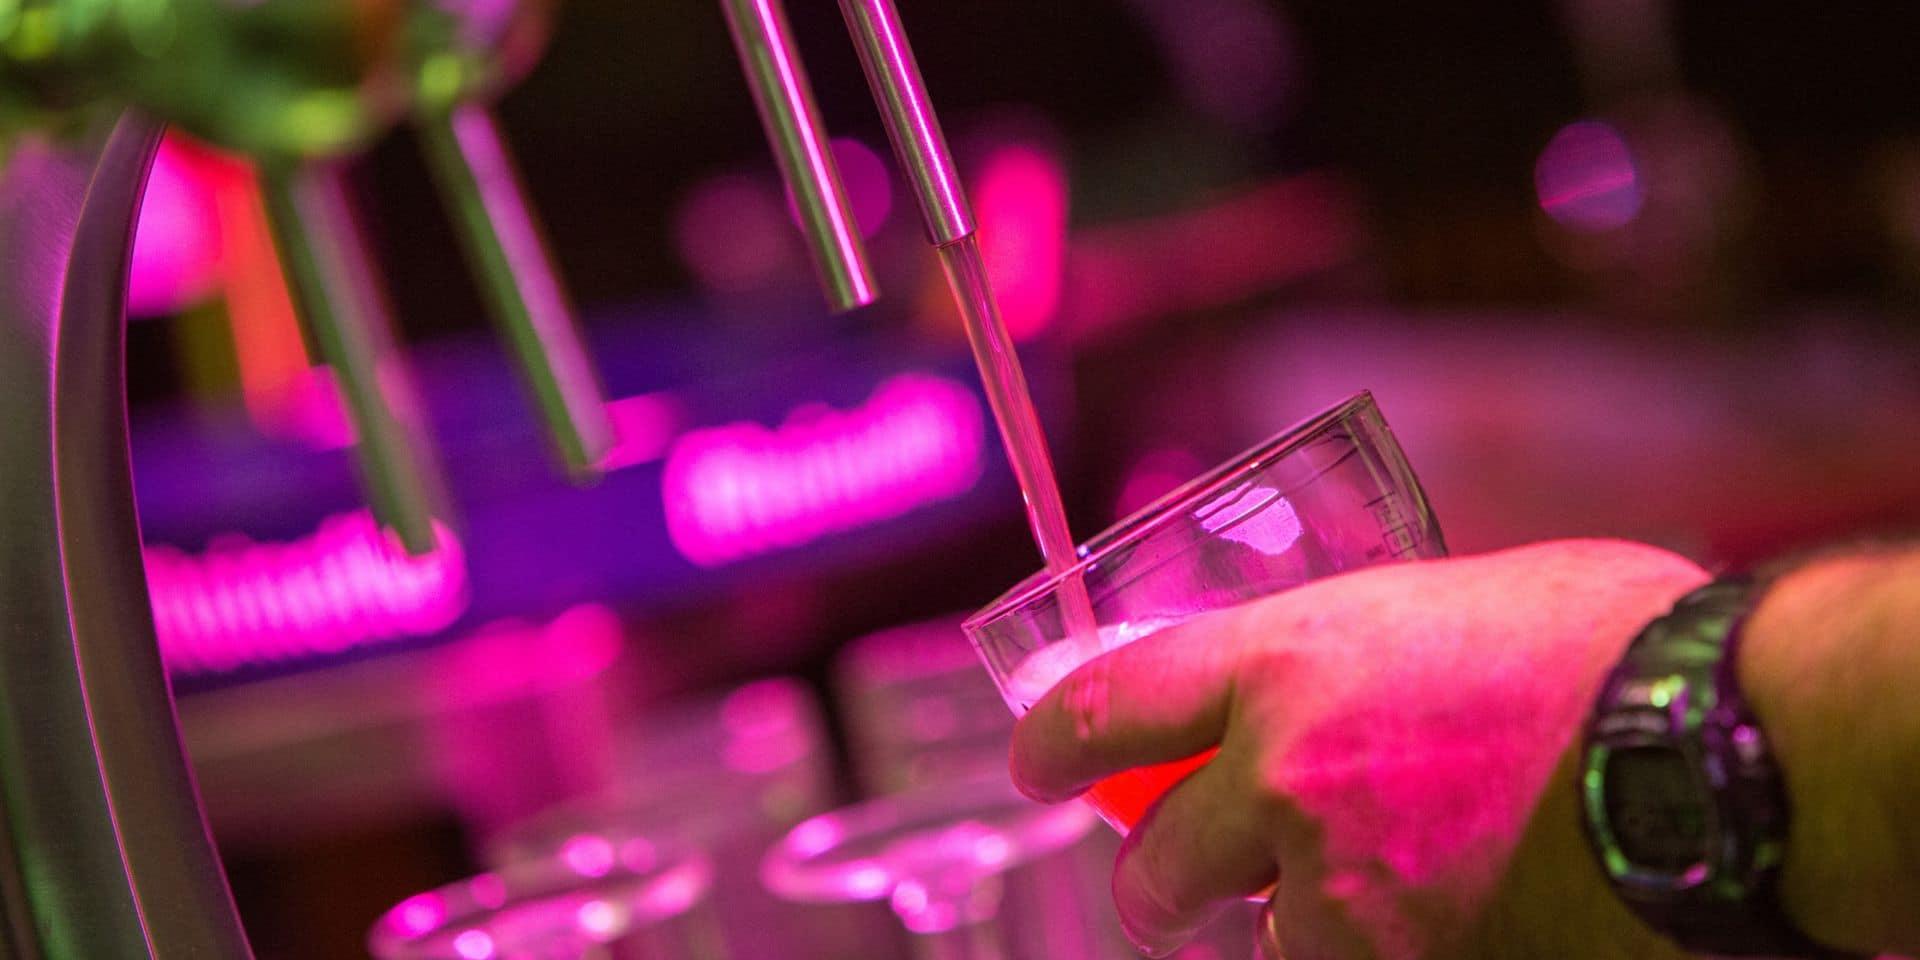 Hainaut: Le petit monde des bières locales en ébullition